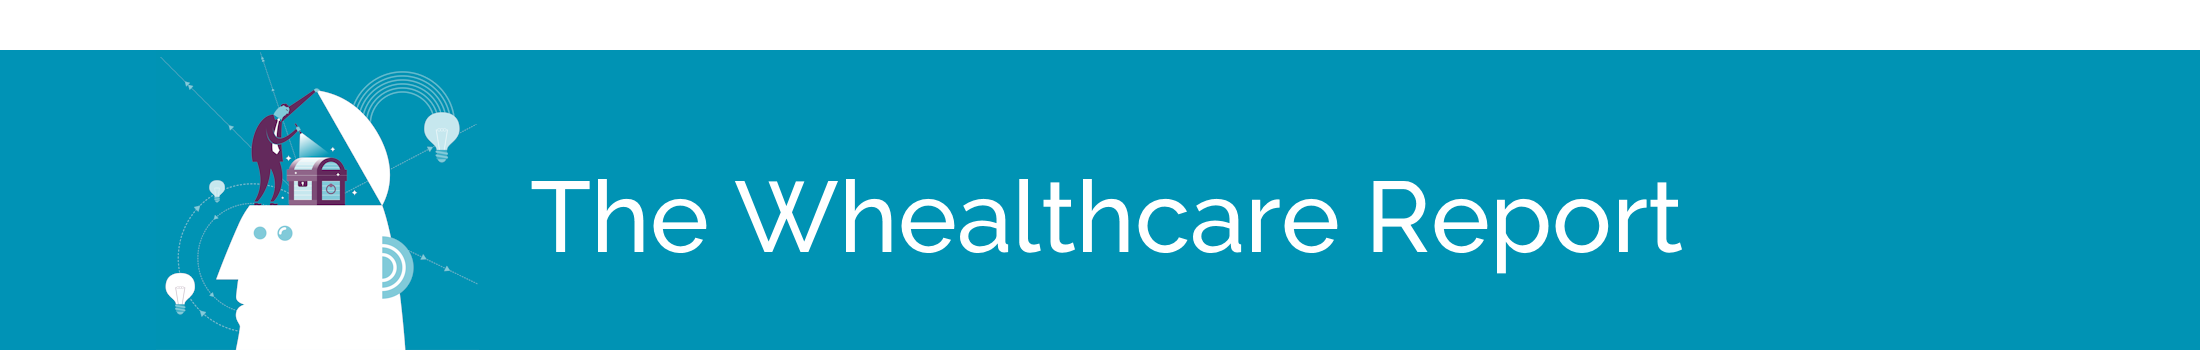 whealthcare report 13